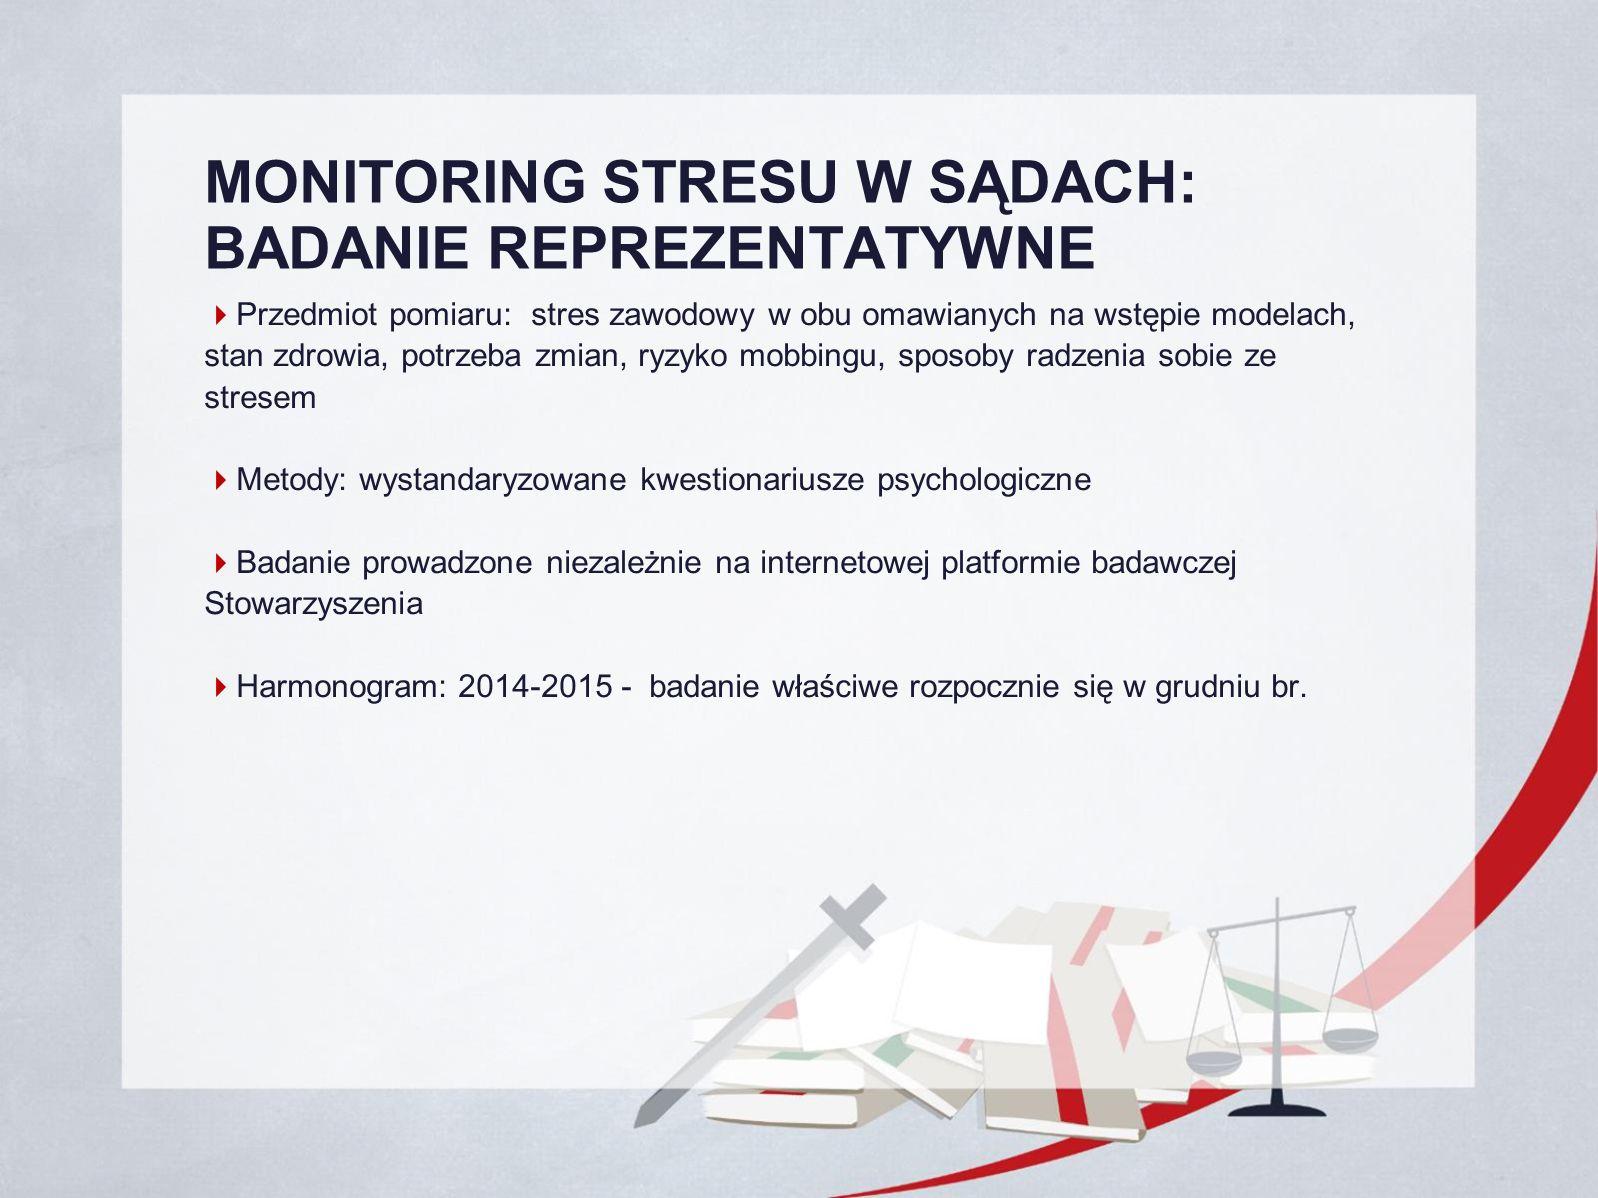 MONITORING STRESU W SĄDACH: BADANIE REPREZENTATYWNE  Przedmiot pomiaru: stres zawodowy w obu omawianych na wstępie modelach, stan zdrowia, potrzeba zmian, ryzyko mobbingu, sposoby radzenia sobie ze stresem  Metody: wystandaryzowane kwestionariusze psychologiczne  Badanie prowadzone niezależnie na internetowej platformie badawczej Stowarzyszenia  Harmonogram: 2014-2015 - badanie właściwe rozpocznie się w grudniu br.